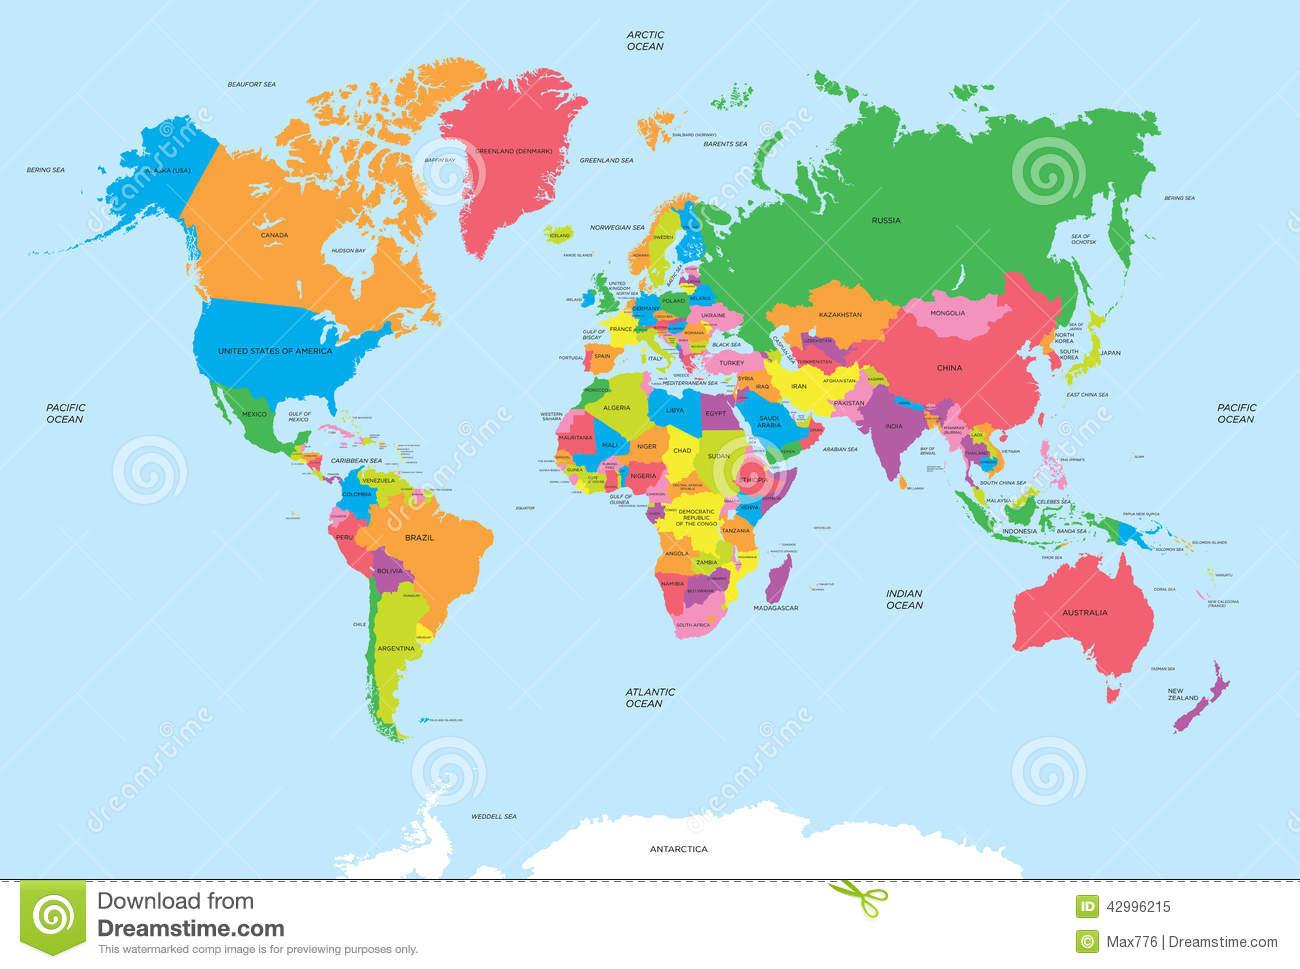 Cartina Russia Da Stampare.Mapa Politico Mar Baltico